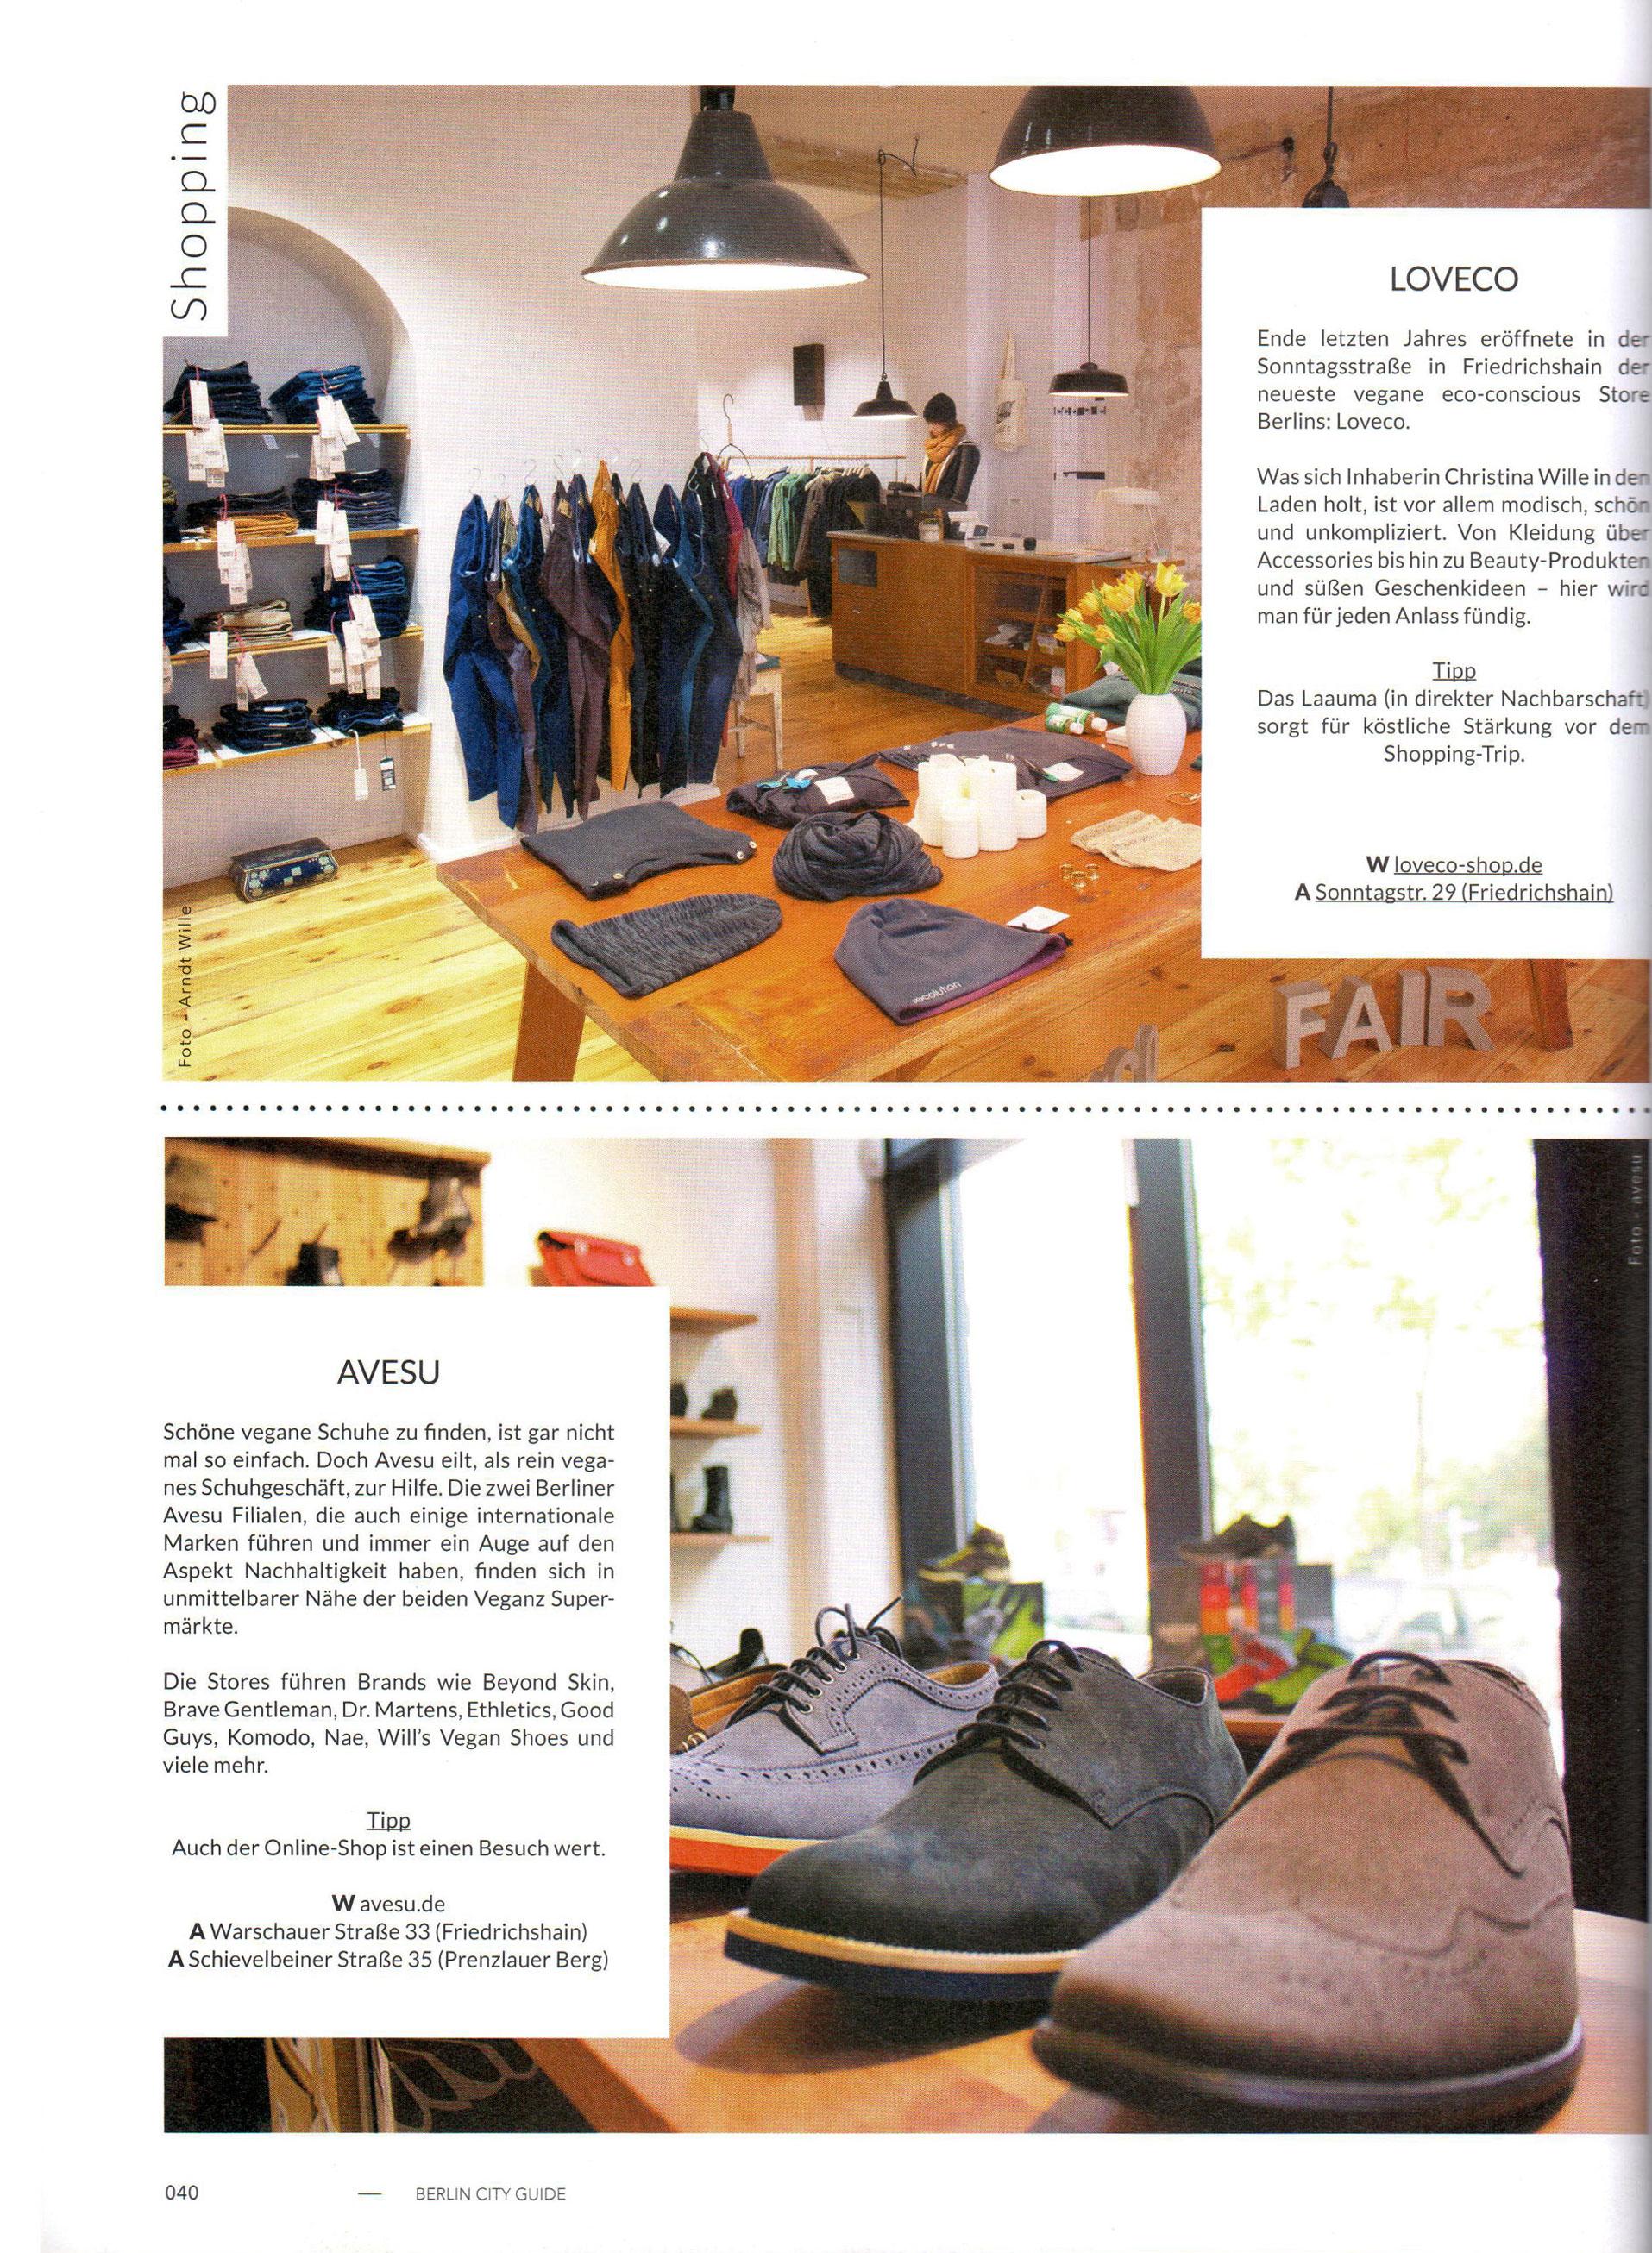 Ausgezeichnet Vegan Nagellack Marken Uk Bilder - Nagellack-Design ...